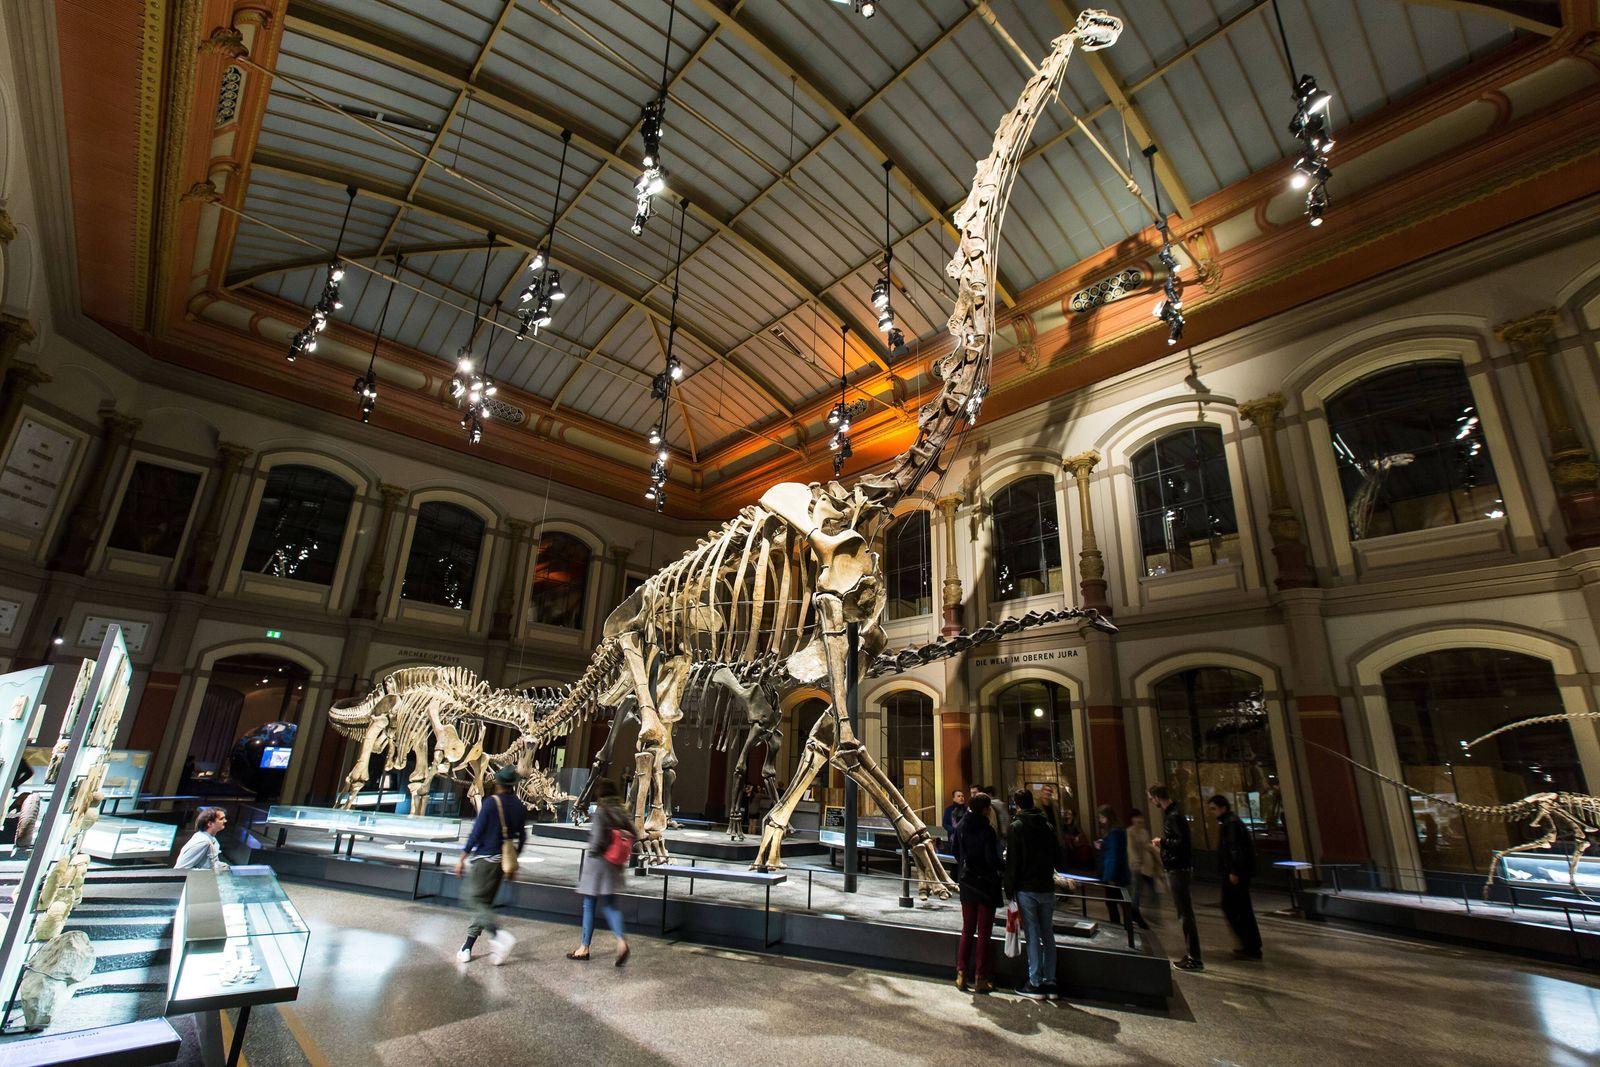 19/ Feature: 34. Lange Nacht der Museen, Skelett des Brachiosauriers (Brachiosaurus brancai) mit einer Hoehe von 13,27 M